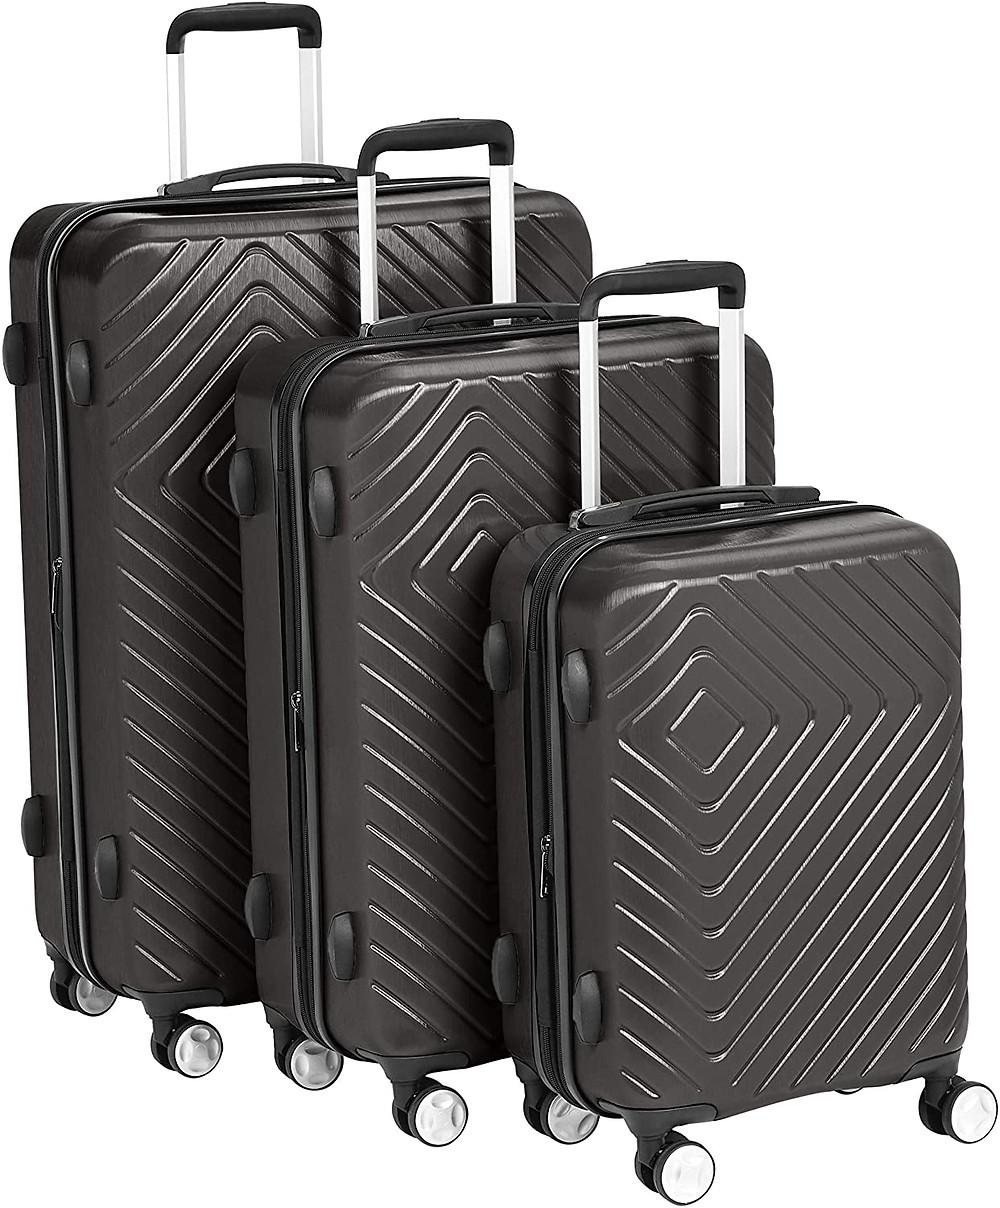 Amazon Basics 3-Piece Luggage